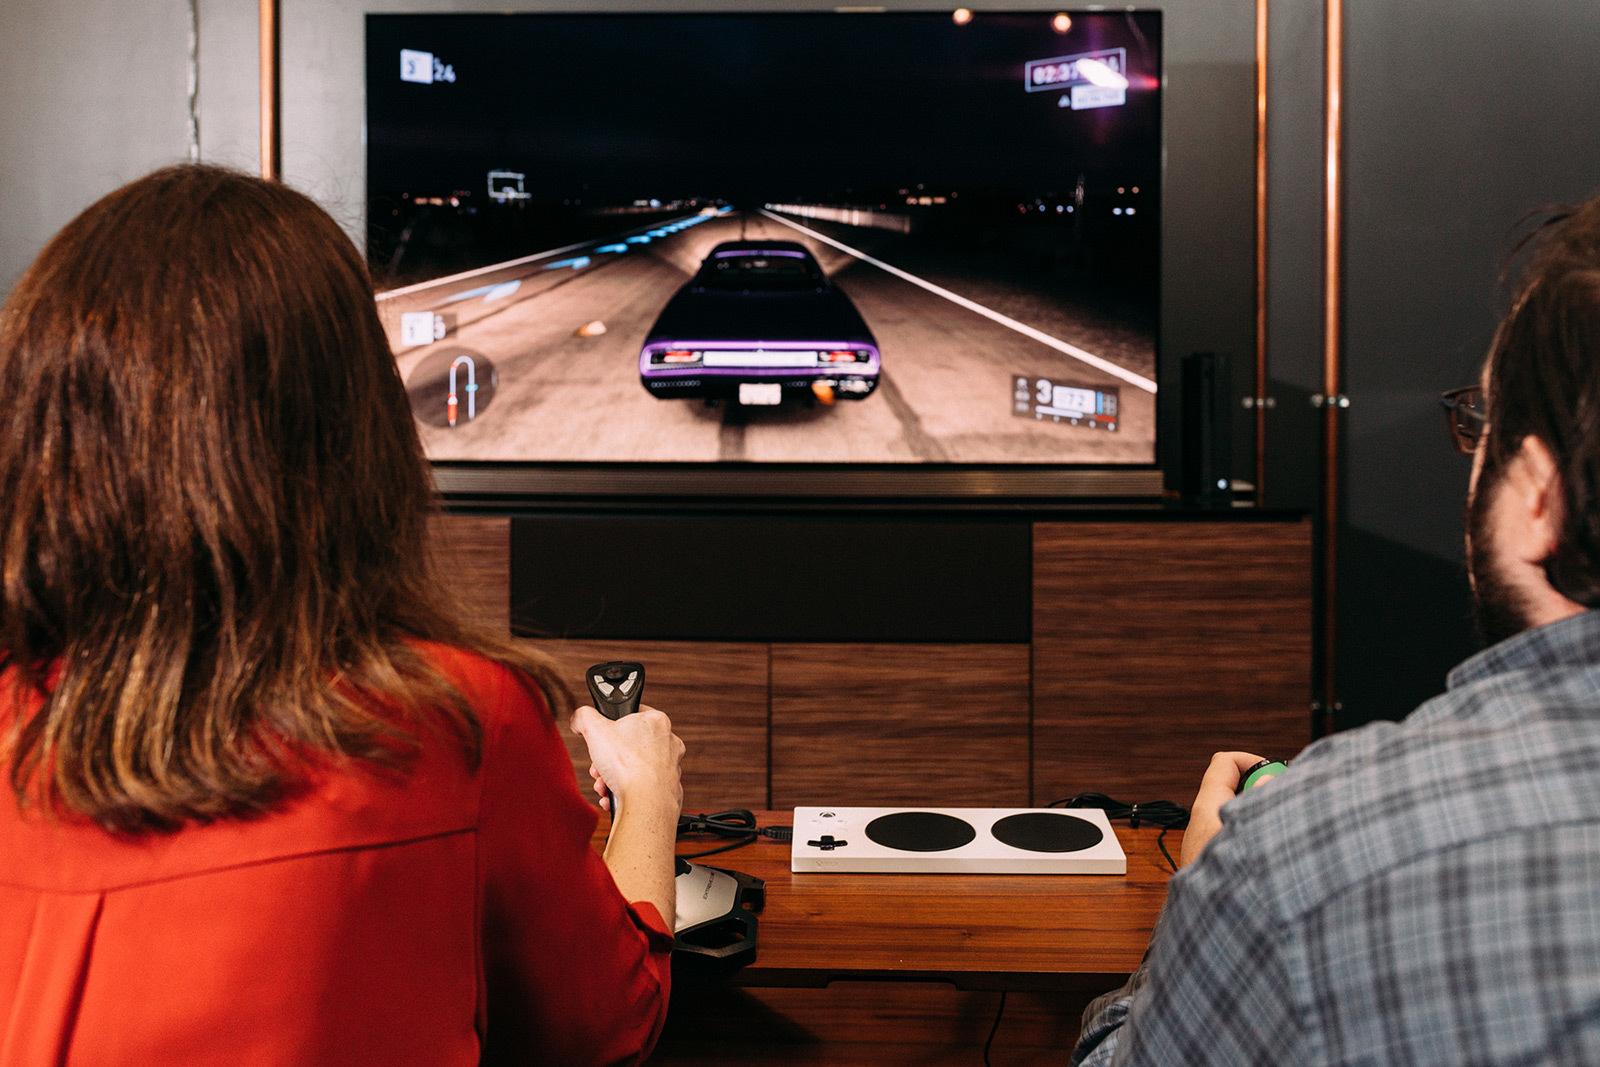 Ein neuer Xbox-Controller für Menschen mit Behinderung kommt gut an